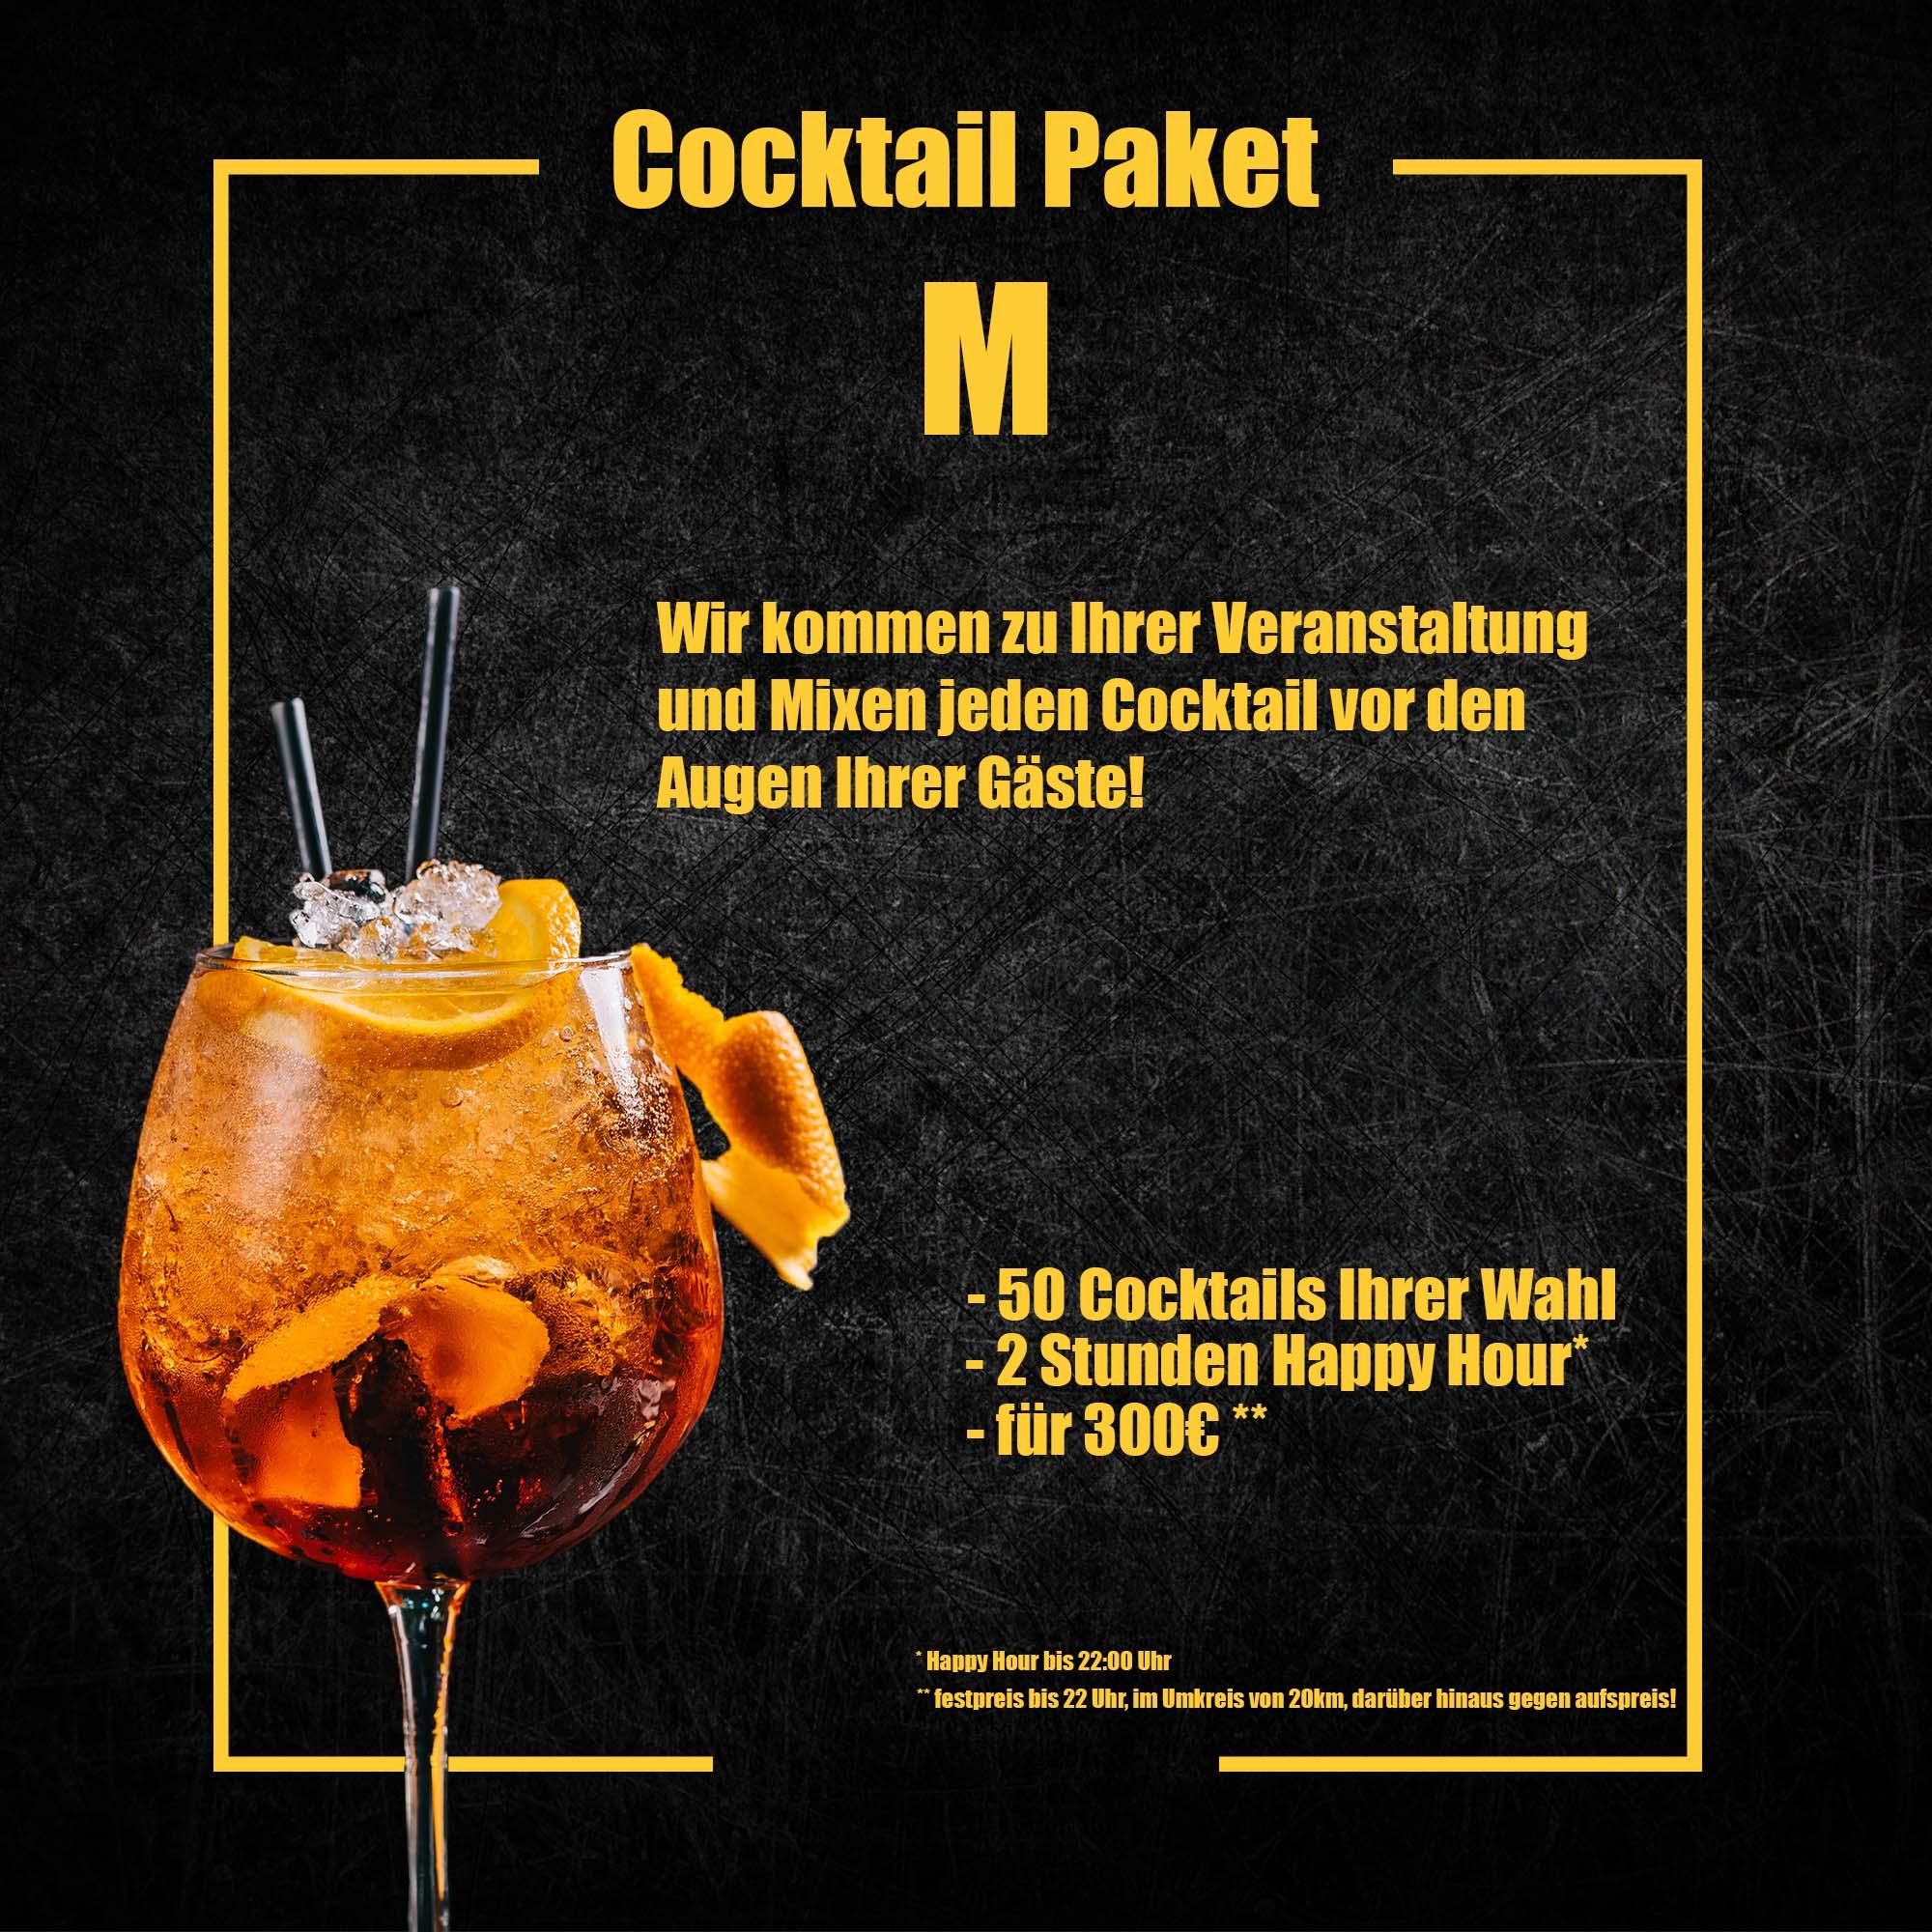 Cocktail Paket M